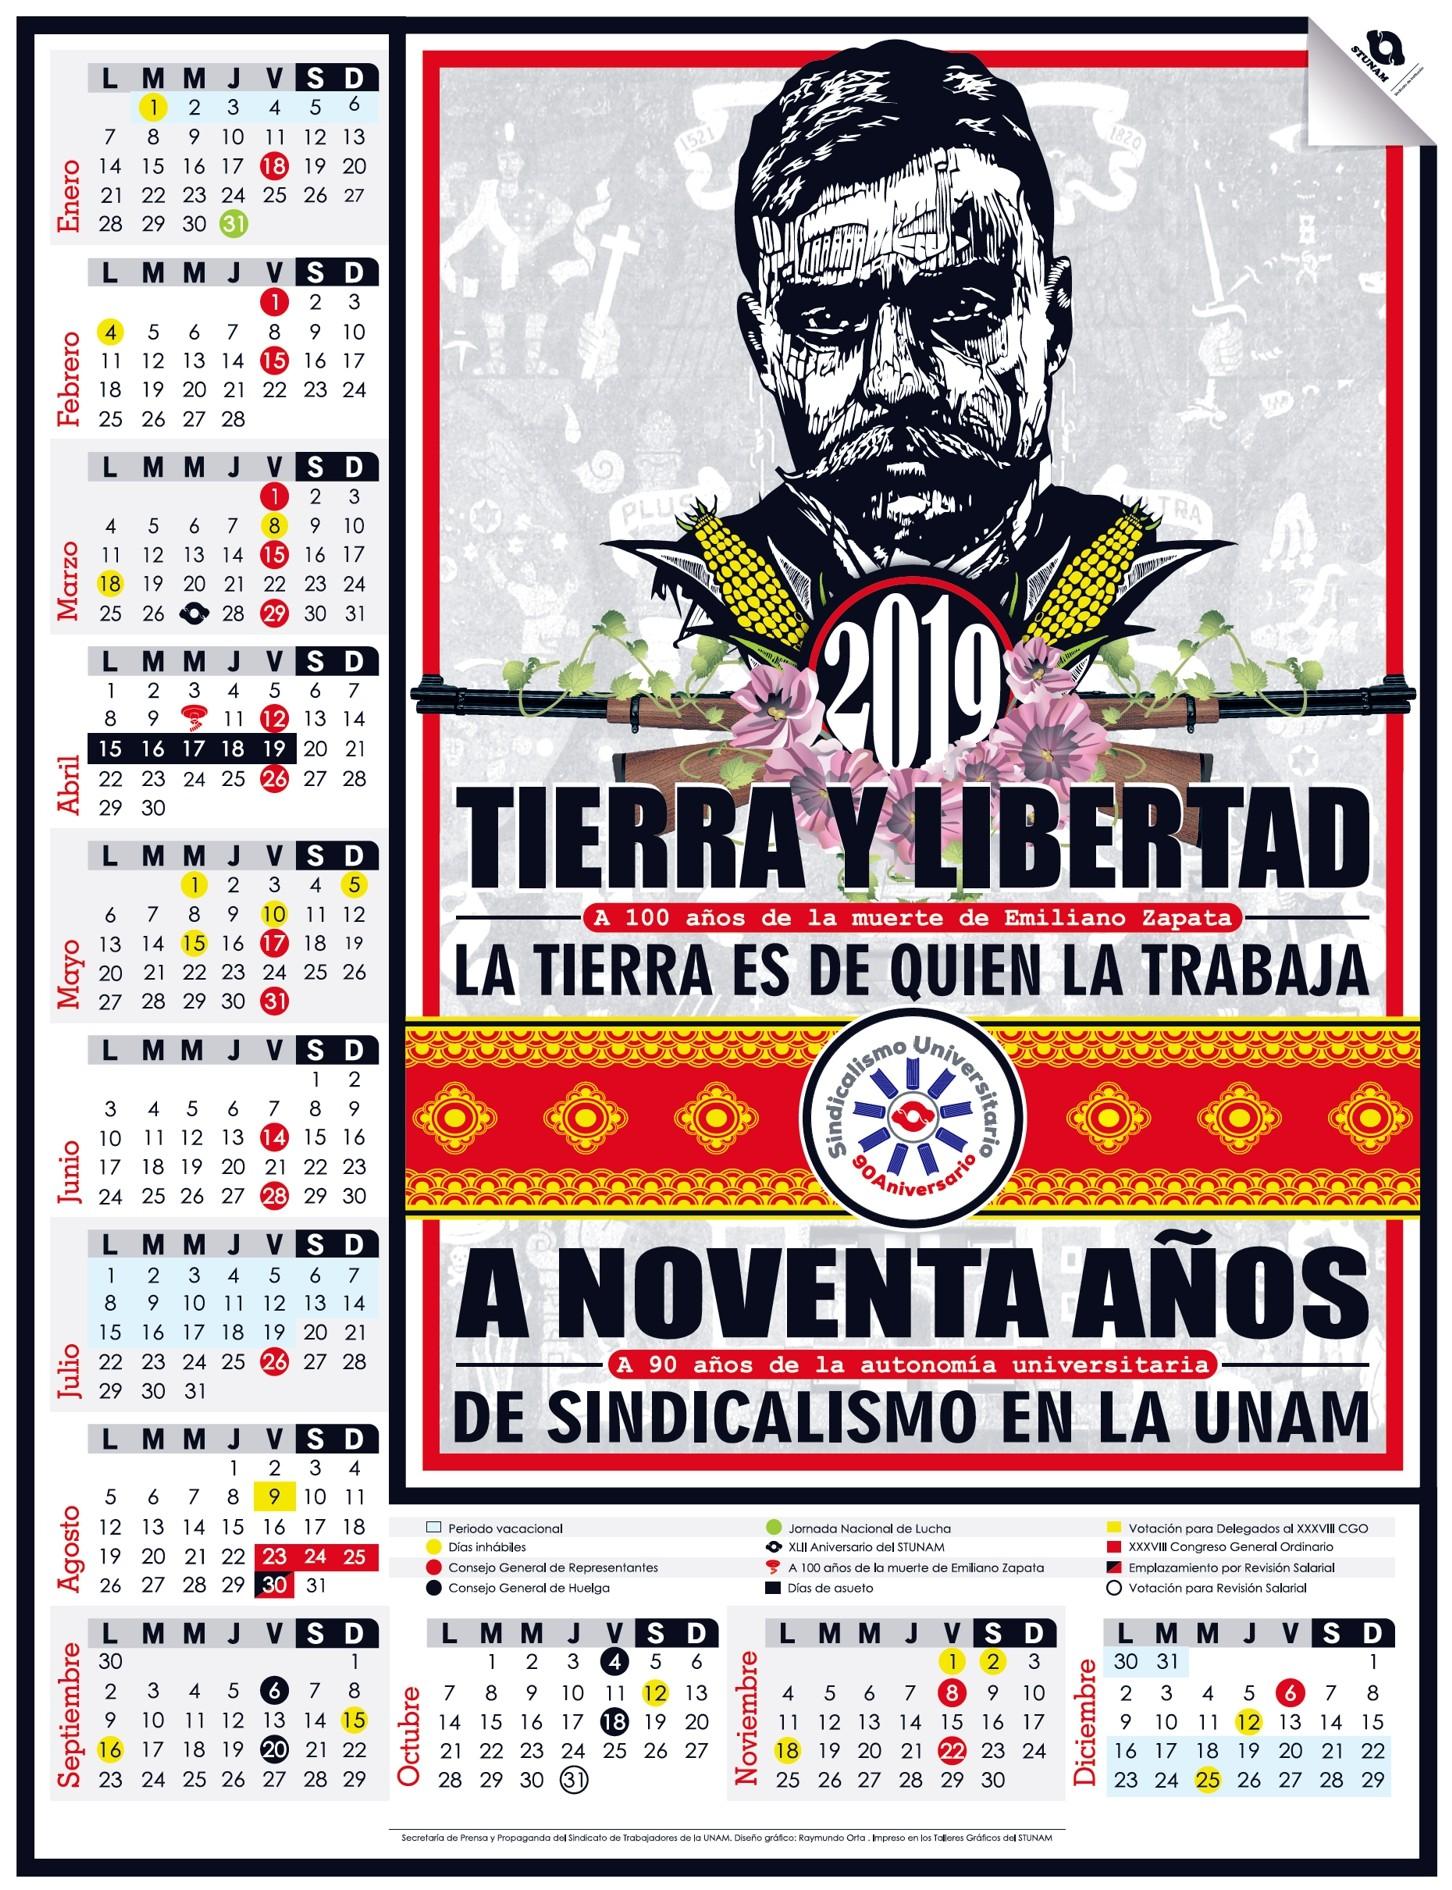 Calendario 2019 Mexico Semana Santa 2020 Más Arriba-a-fecha Avisos Importantes Stunam Of Calendario 2019 Mexico Semana Santa 2020 Más Actual Herediano Vs Tigres